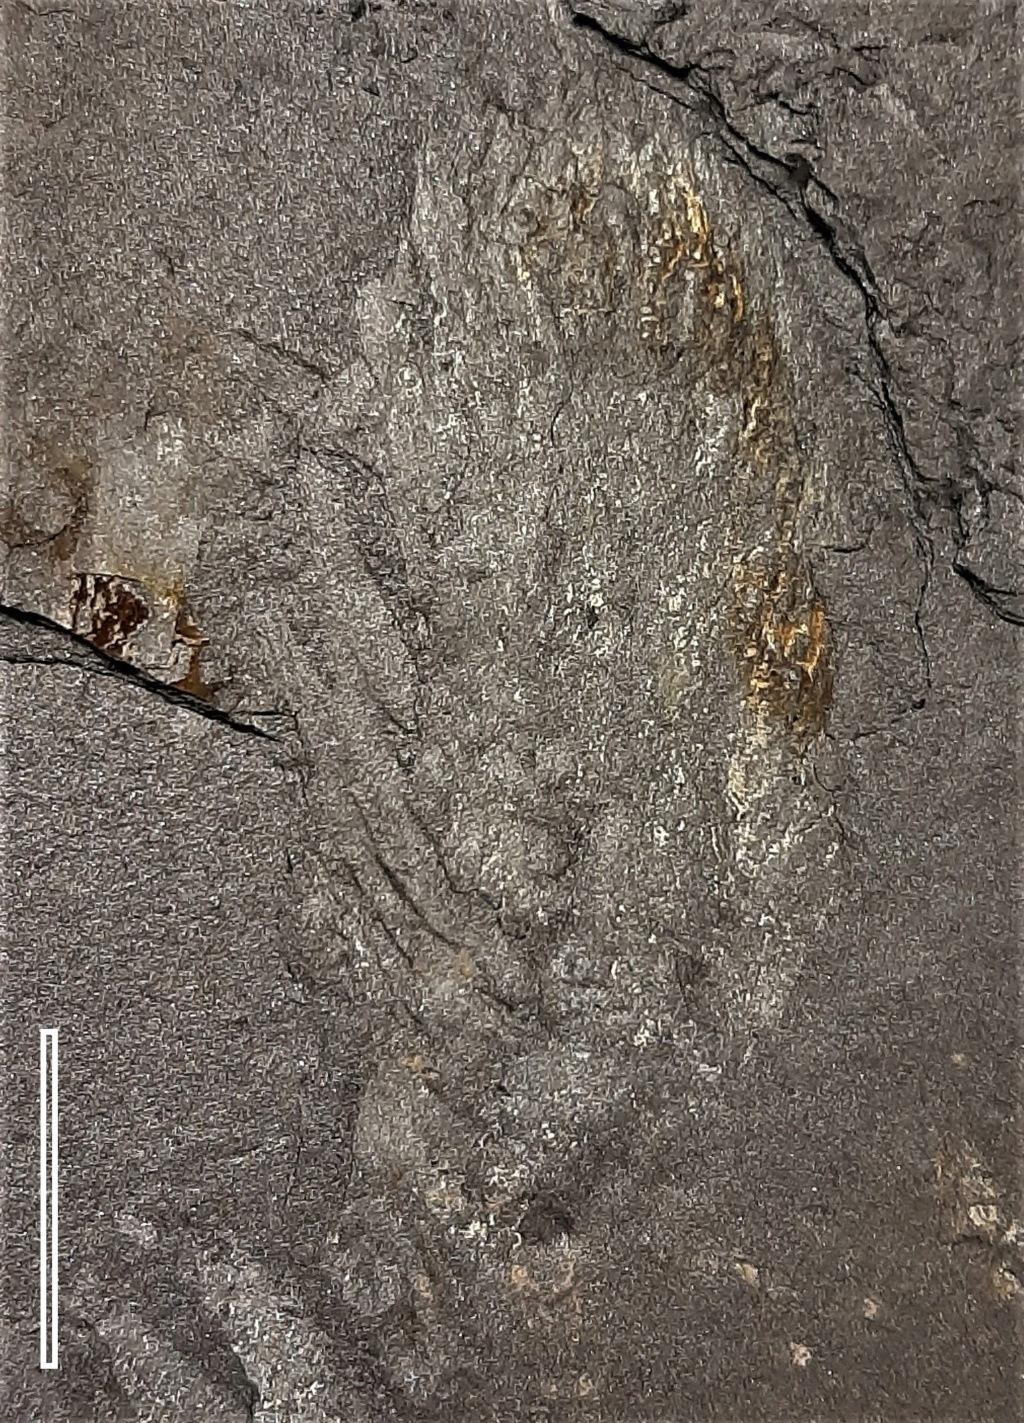 Flore Carbonifère des Alpes Françaises part 2 - Page 4 20200811